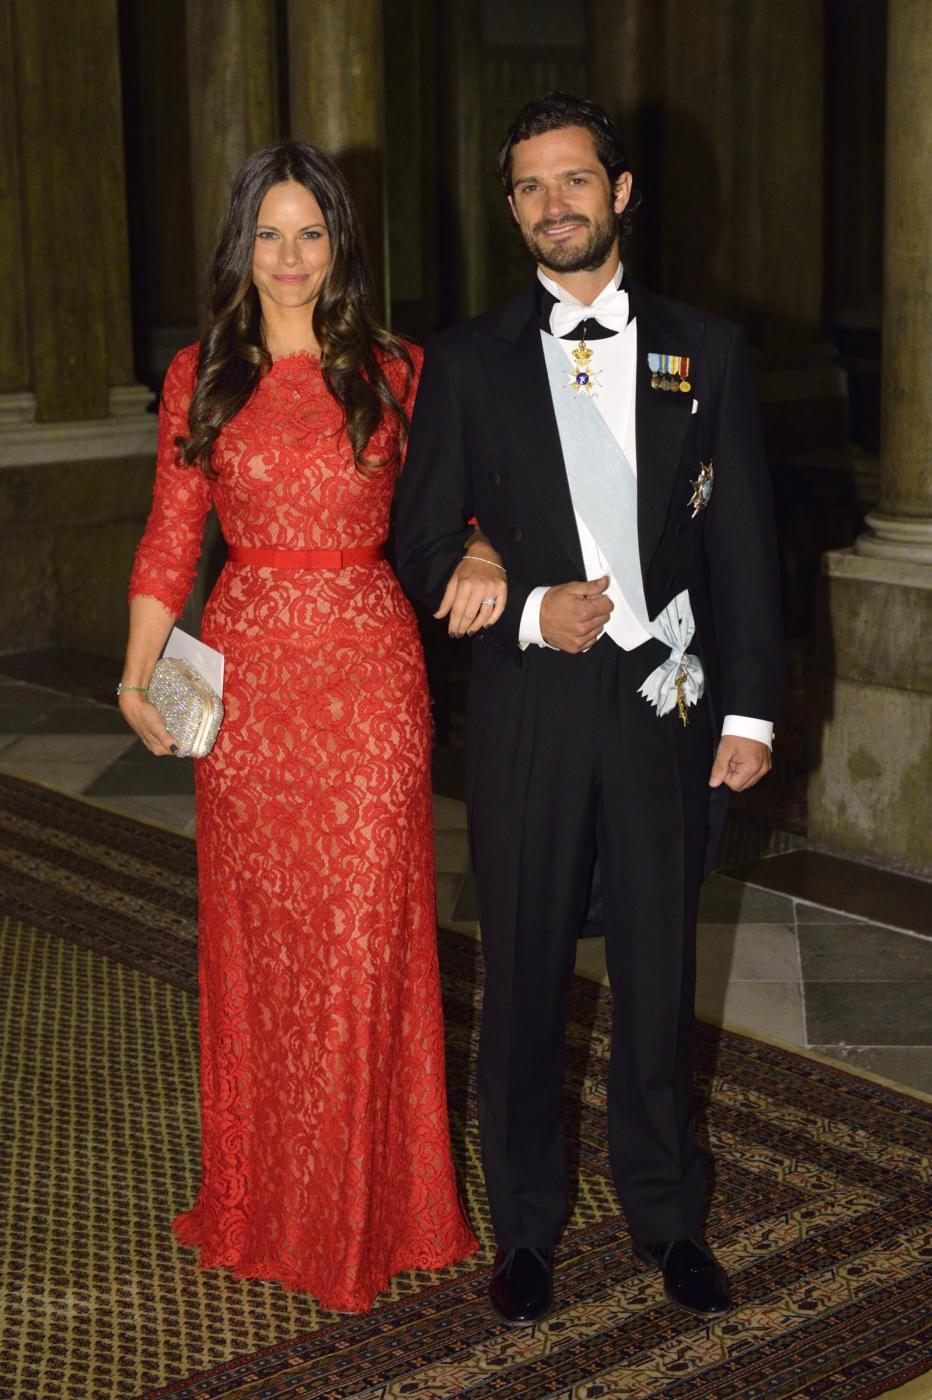 Sofia Hellqvist: chi è la donna che sposa Carlo Filippo di Svezia FOTO 1